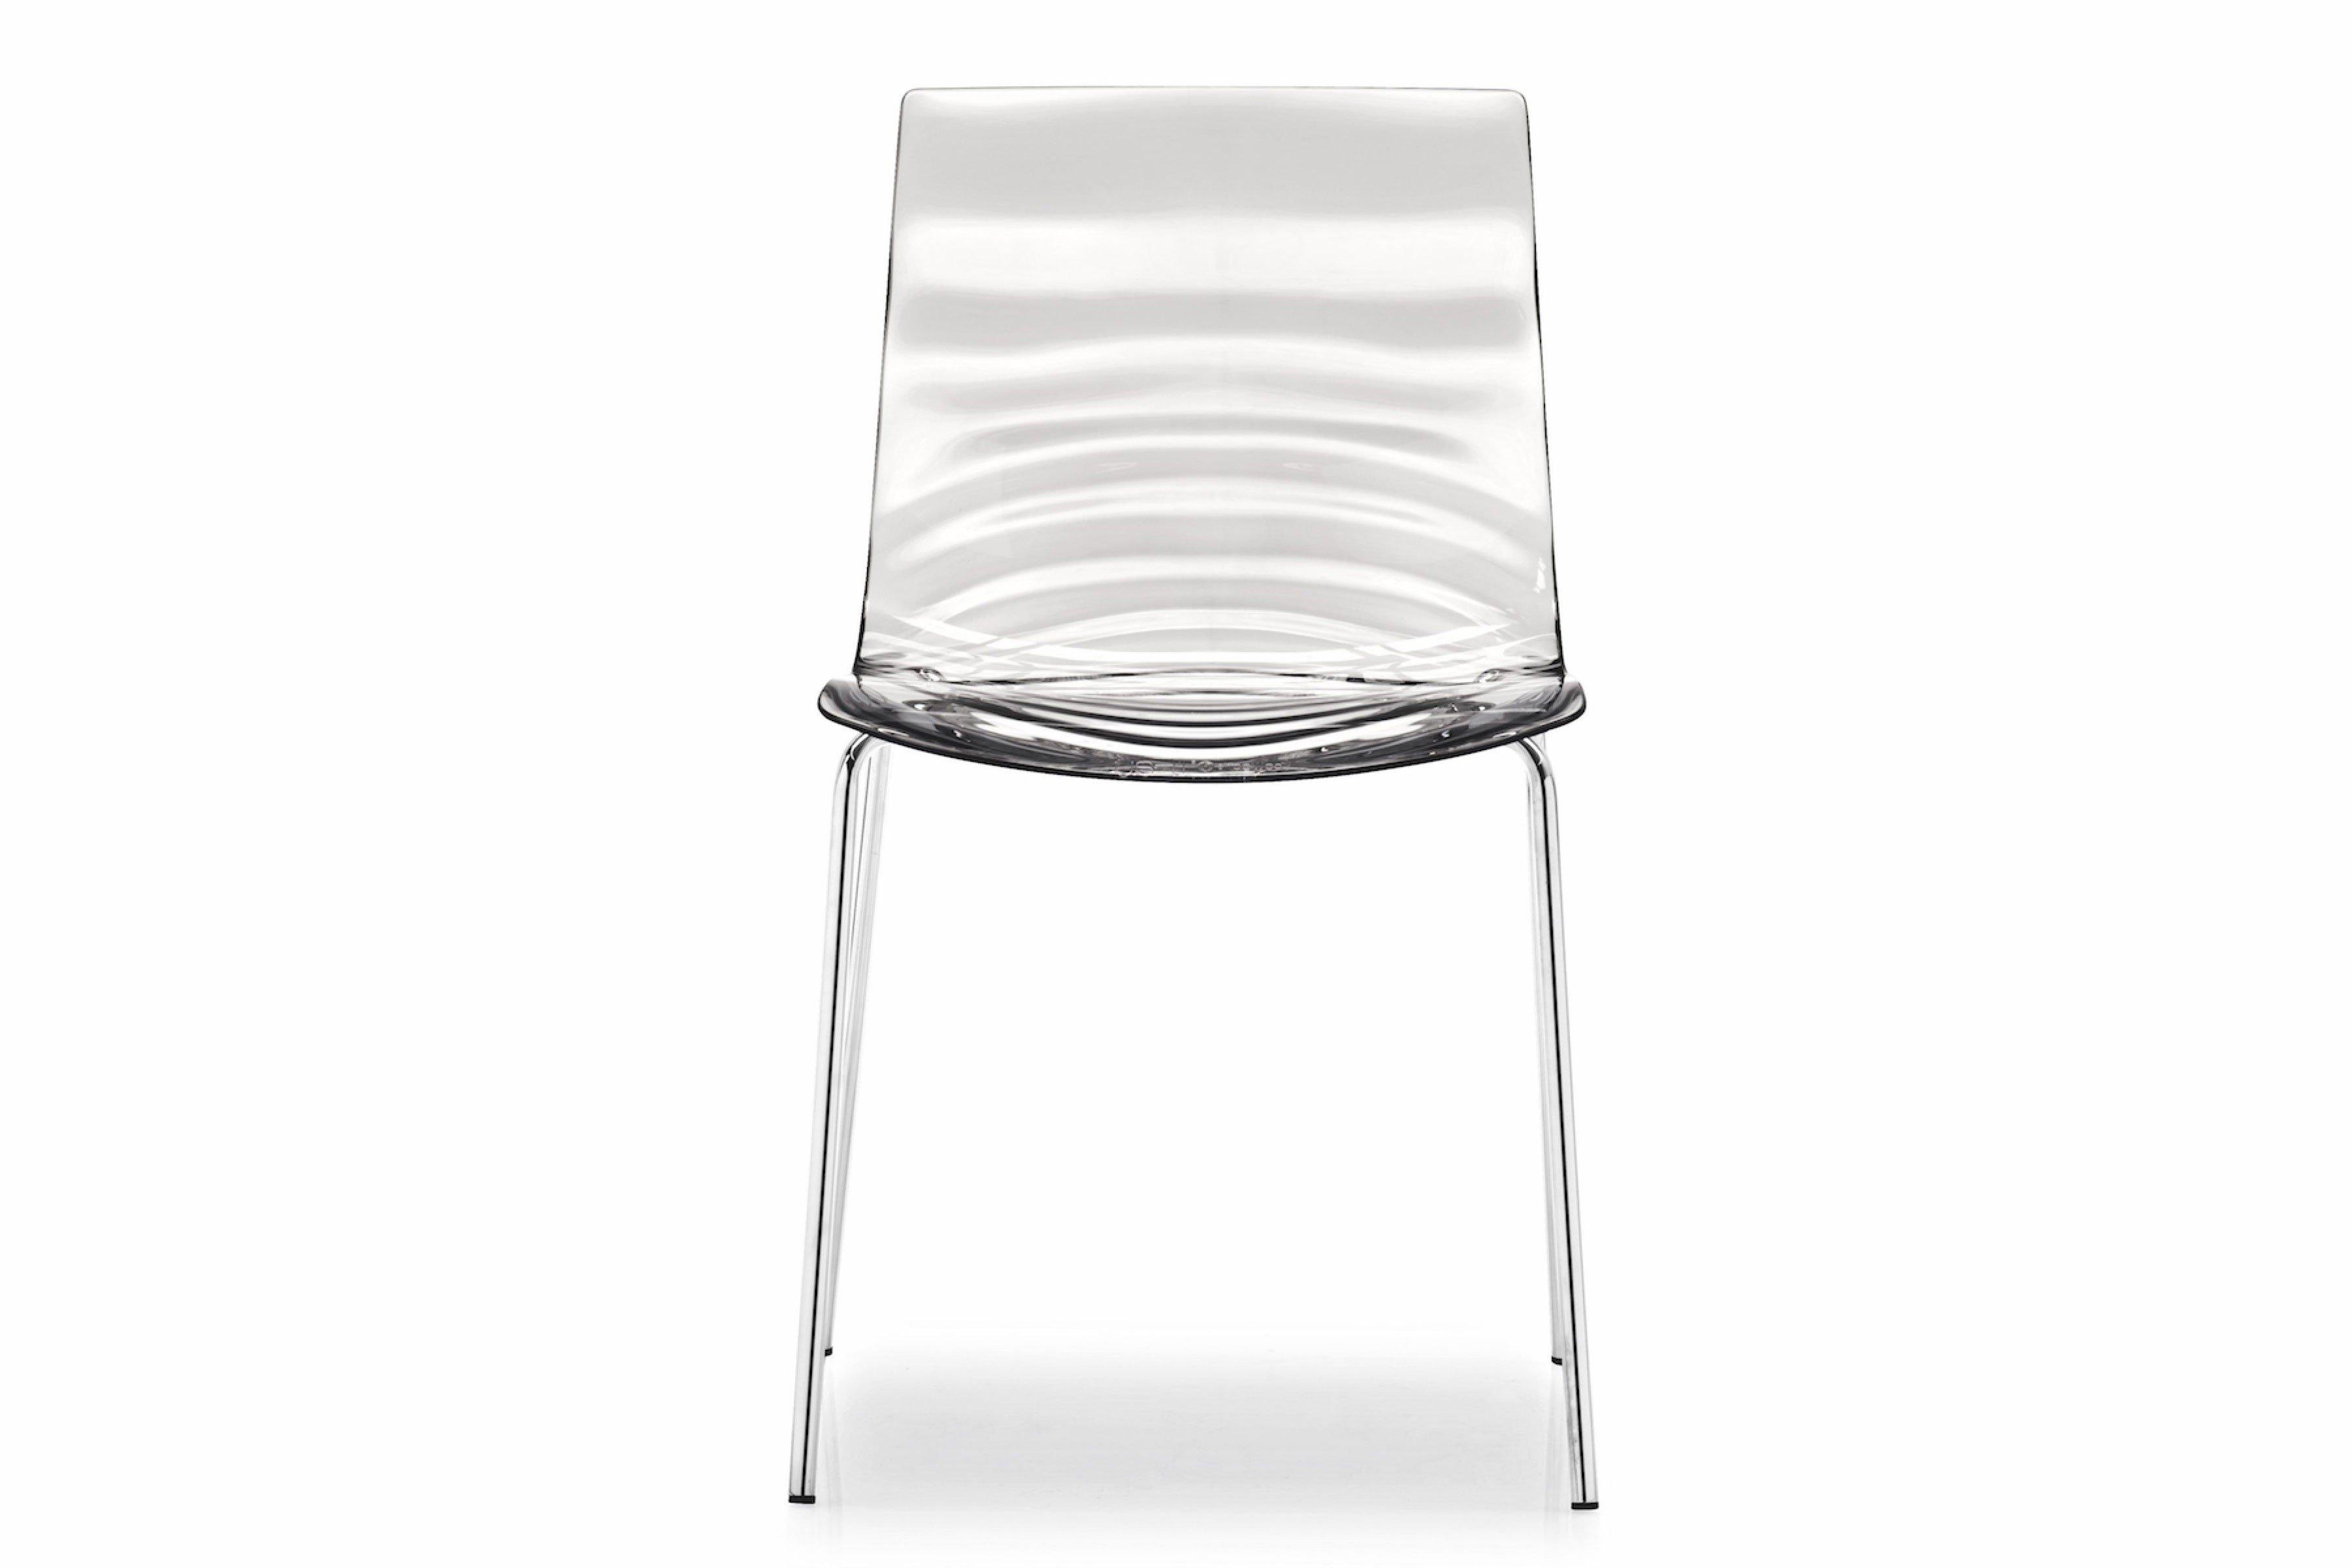 Esszimmer st hle durchsichtig tobias stuhl transparent - Durchsichtiger stuhl ikea ...